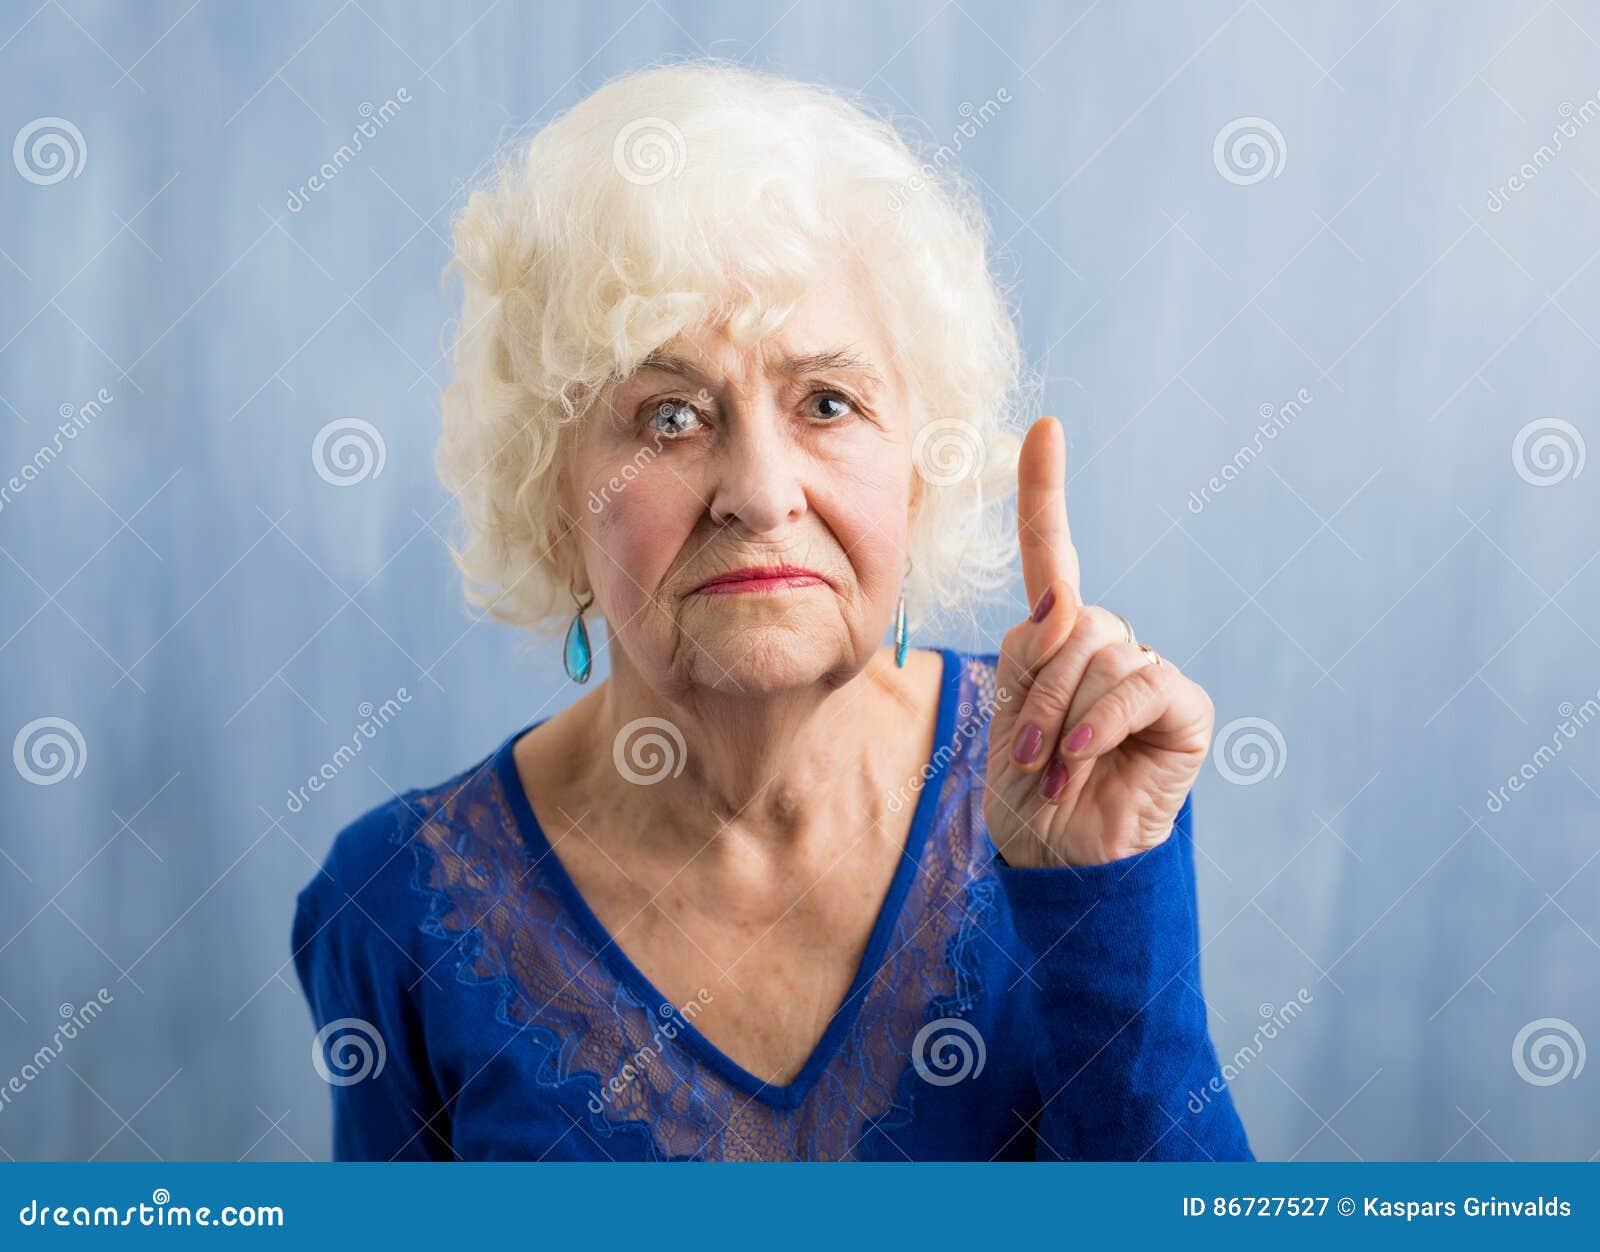 Großmutter, Die Ihren Finger Hochhält Stockbild - Bild von weiß ...